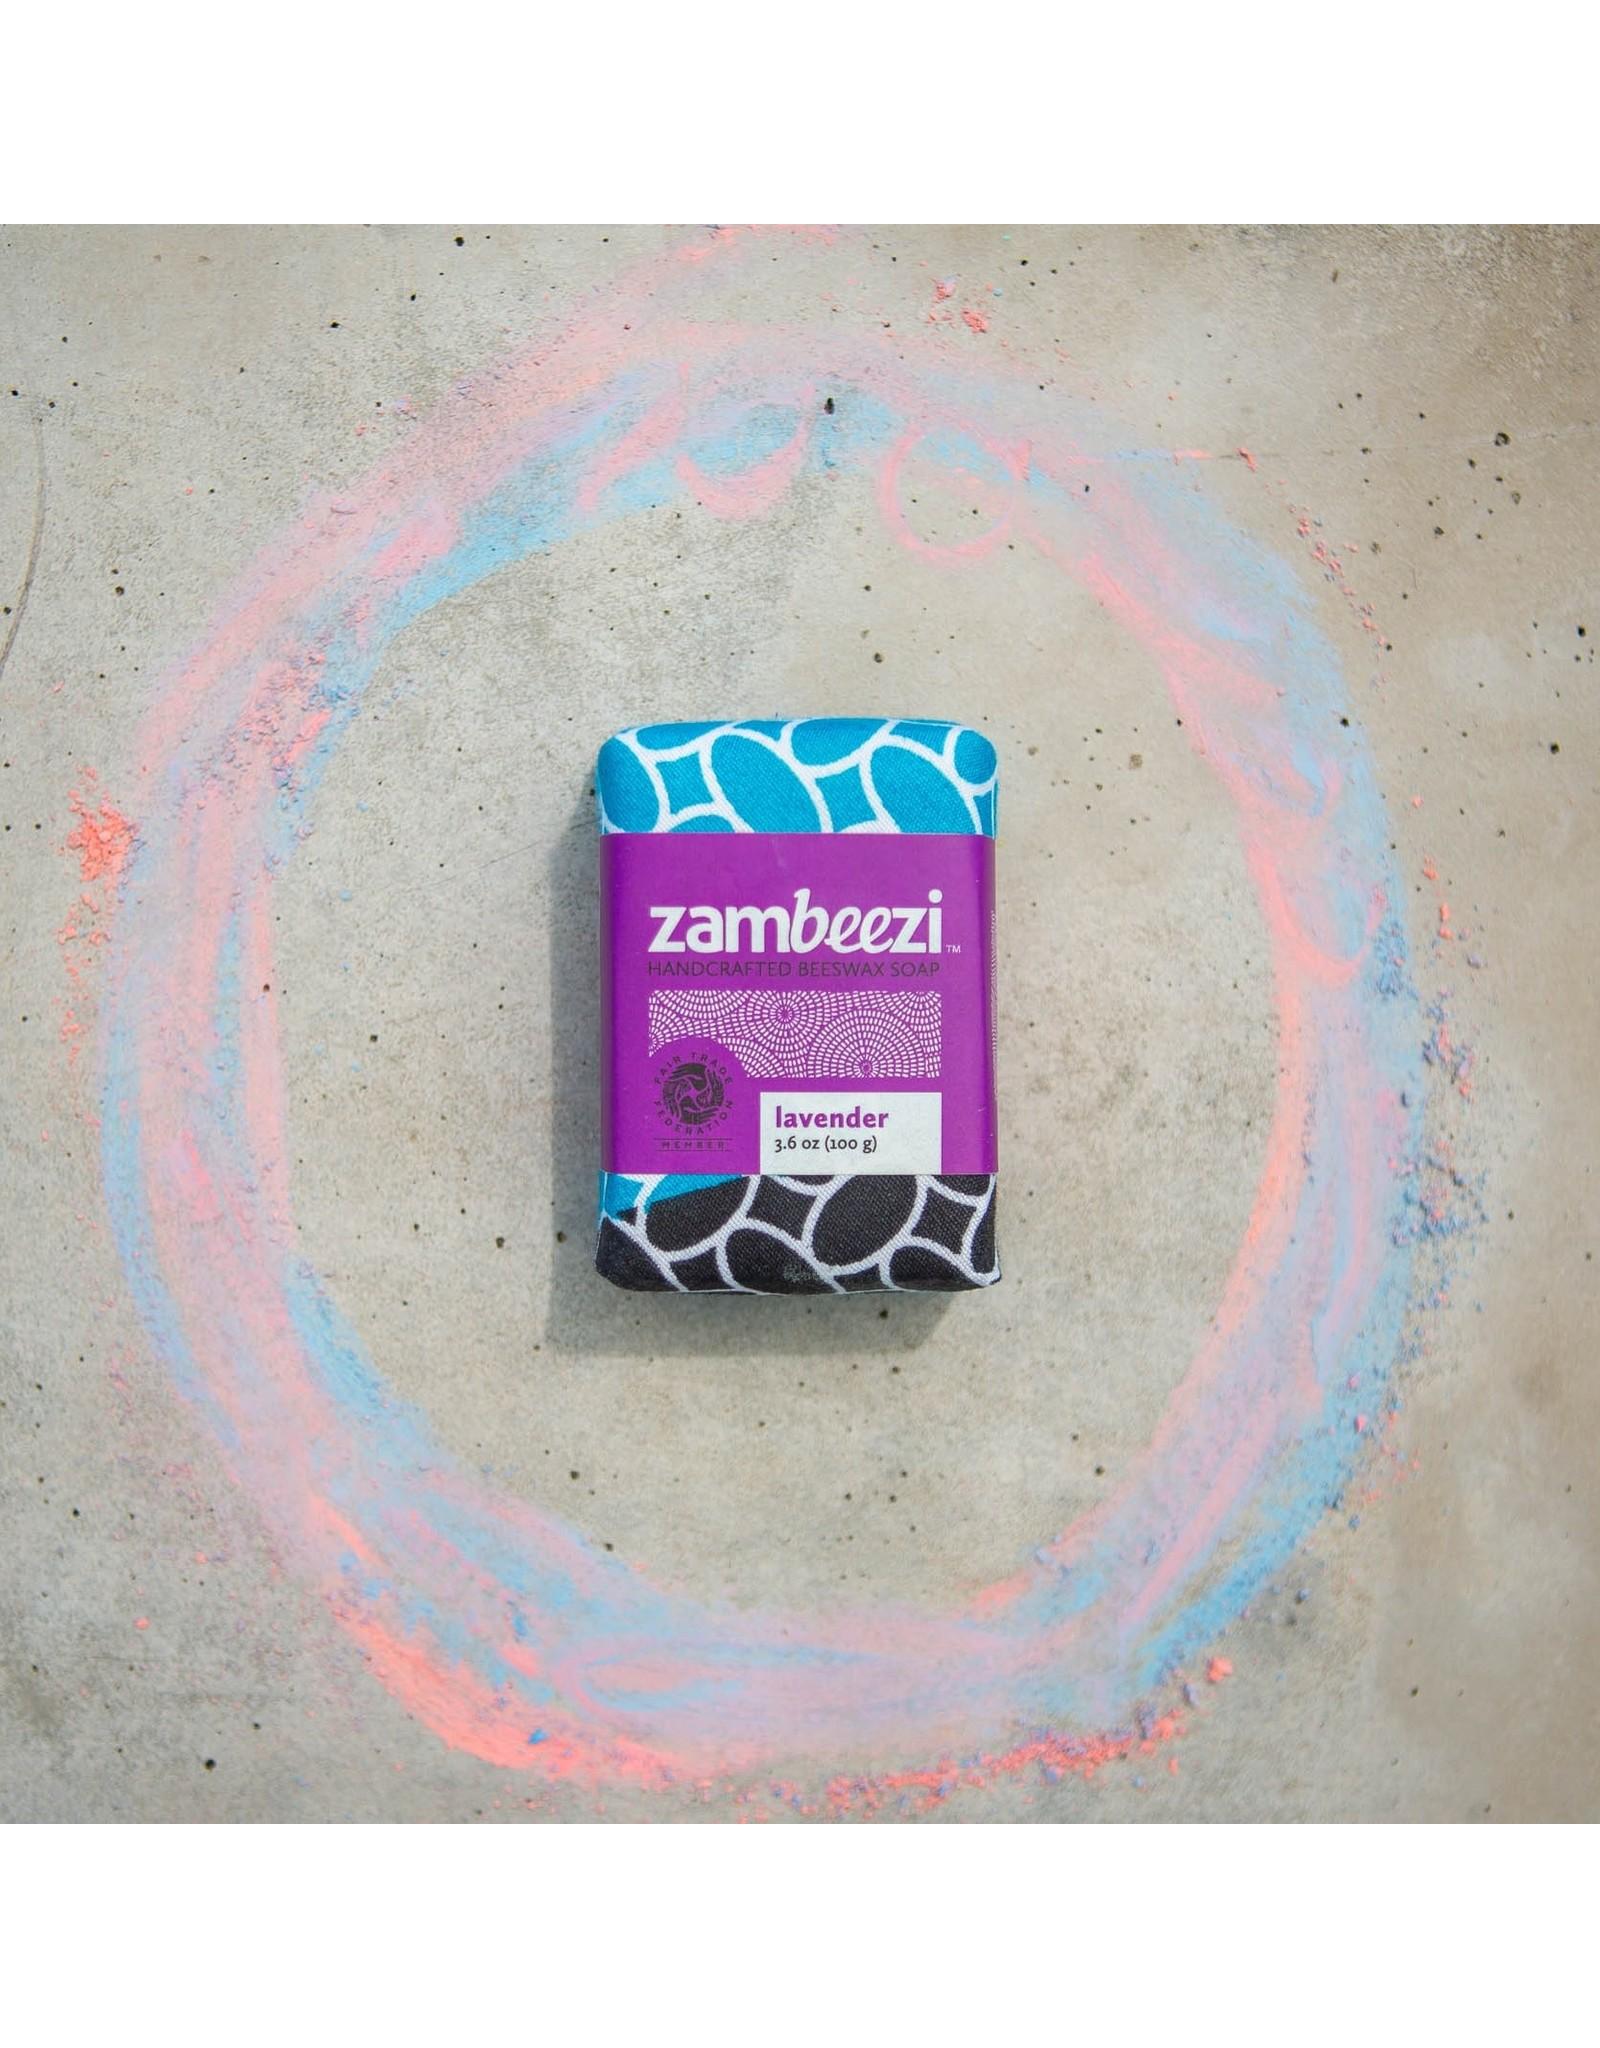 Zambeezi Lavender Beeswax Soap, 100g. Zambia